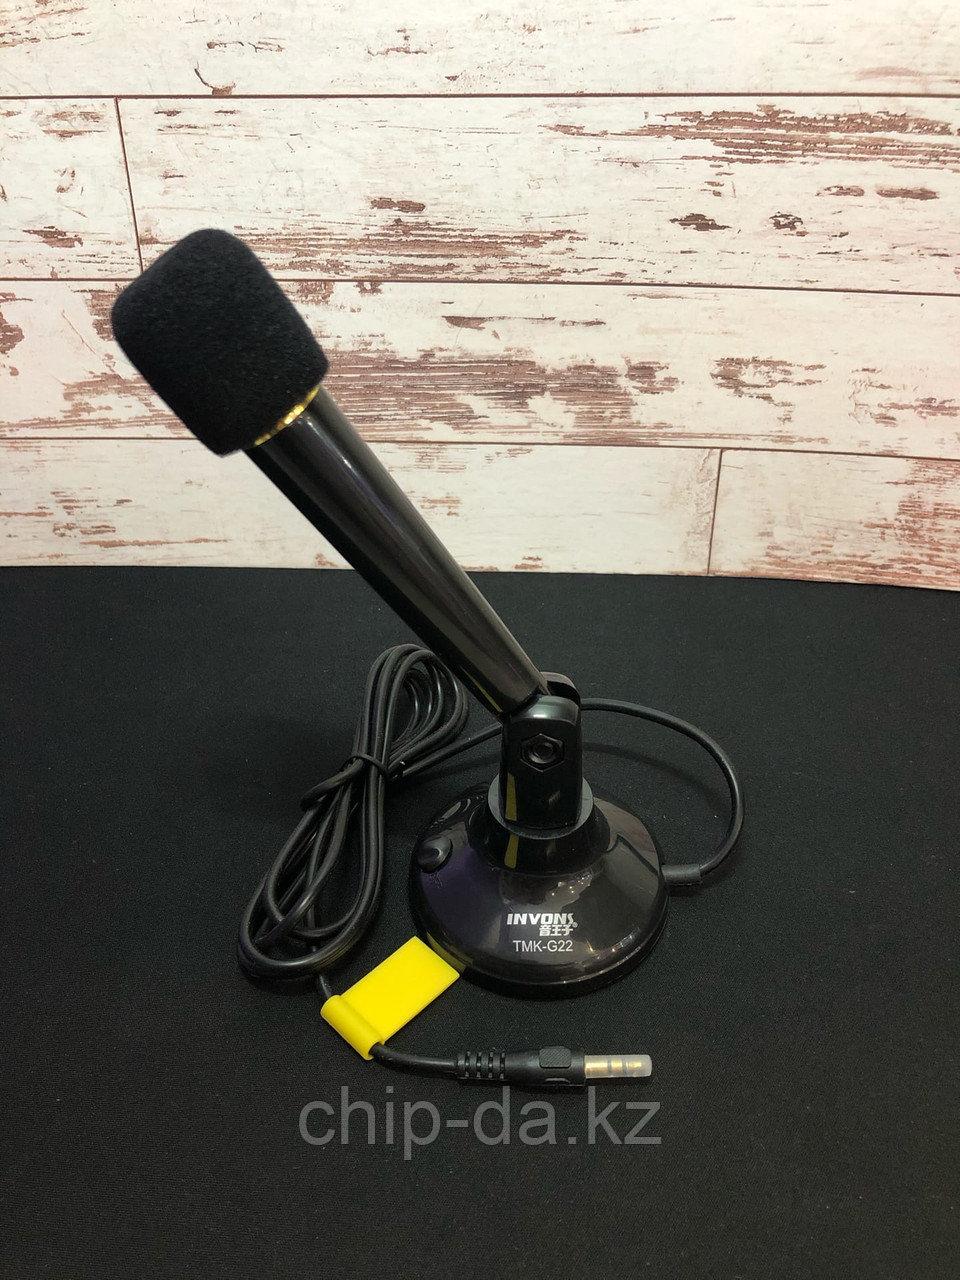 Микрофон настольный Invons TMK-G22